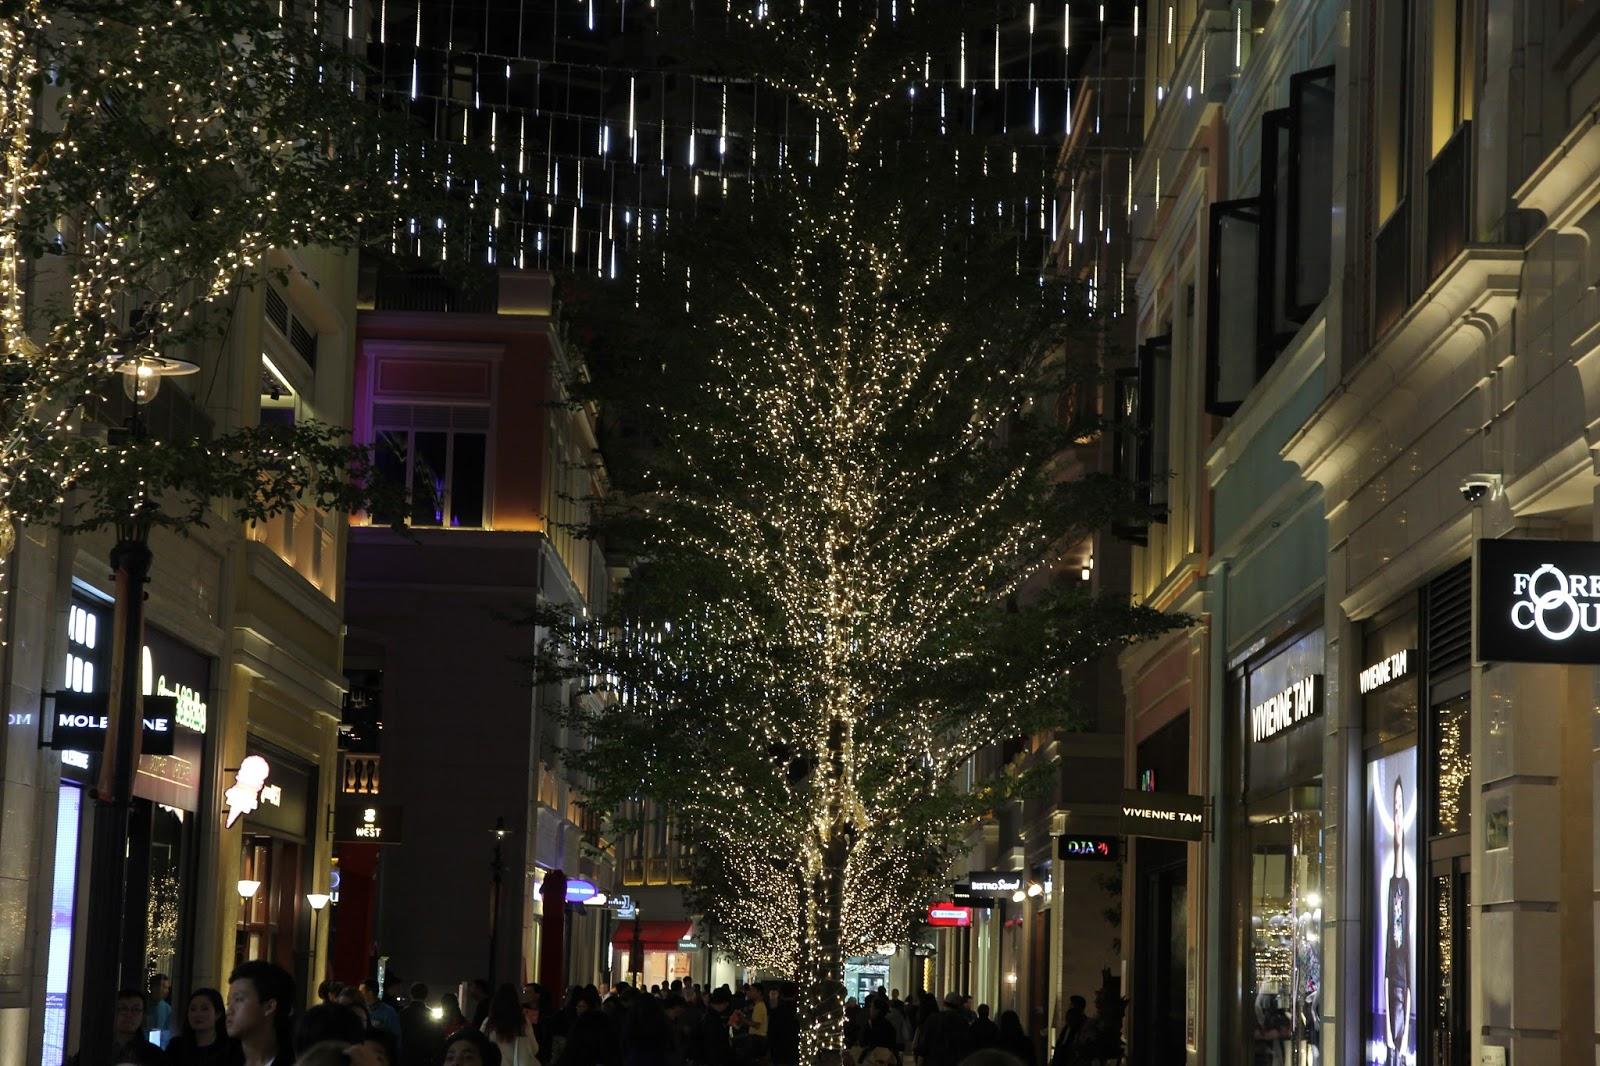 林公子生活遊記: 聖誕節燈飾 利東街 灣仔 走歐陸風格街道上點點燈光掛滿樹上